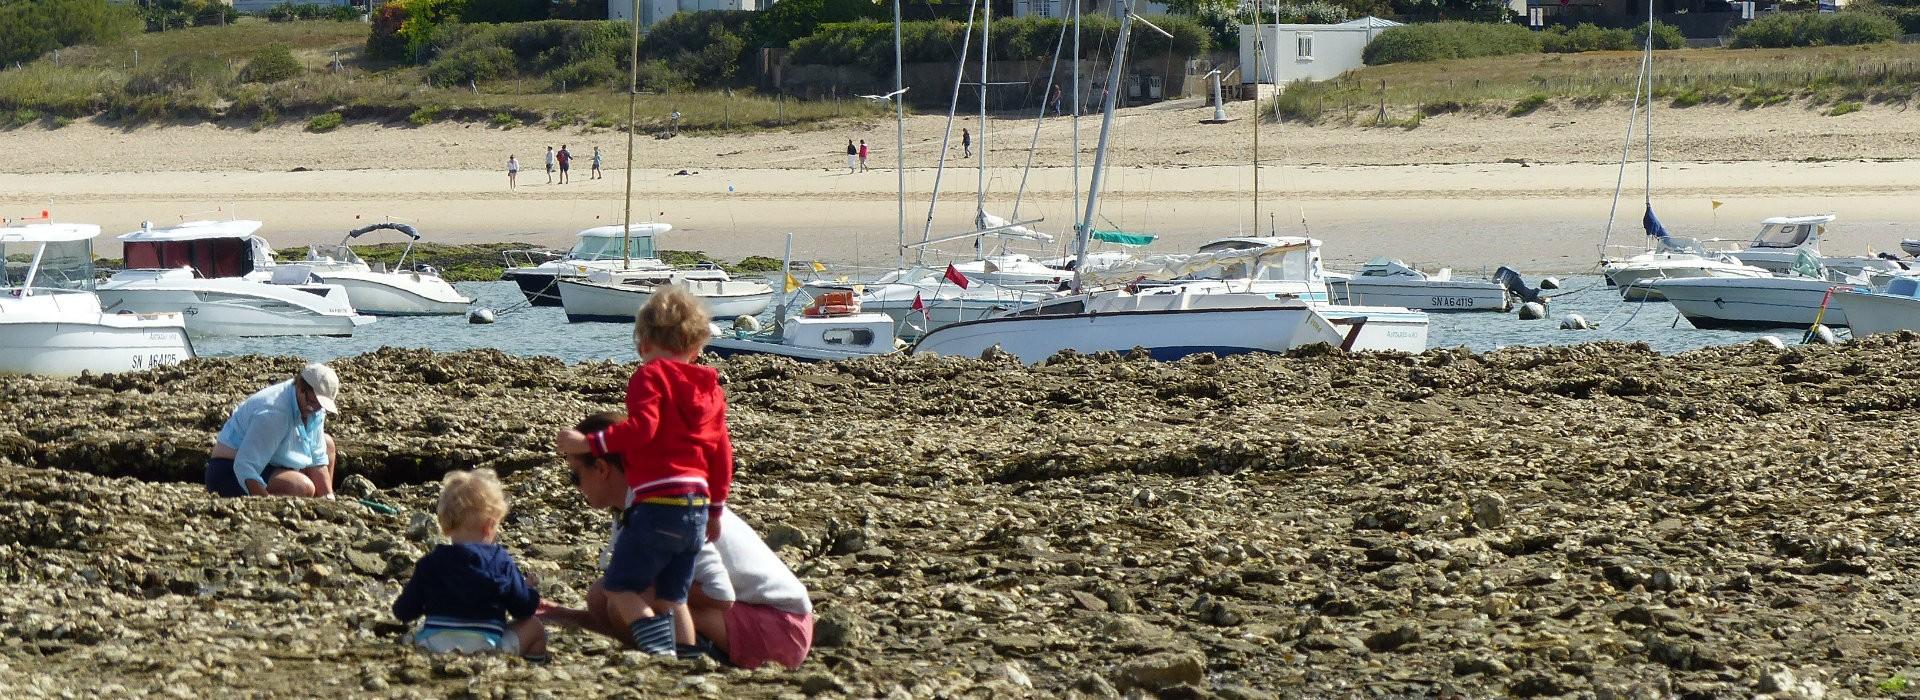 A voir, à faire à Mesquer-Quimiac - OT La Baule Presqu'île de Guérande